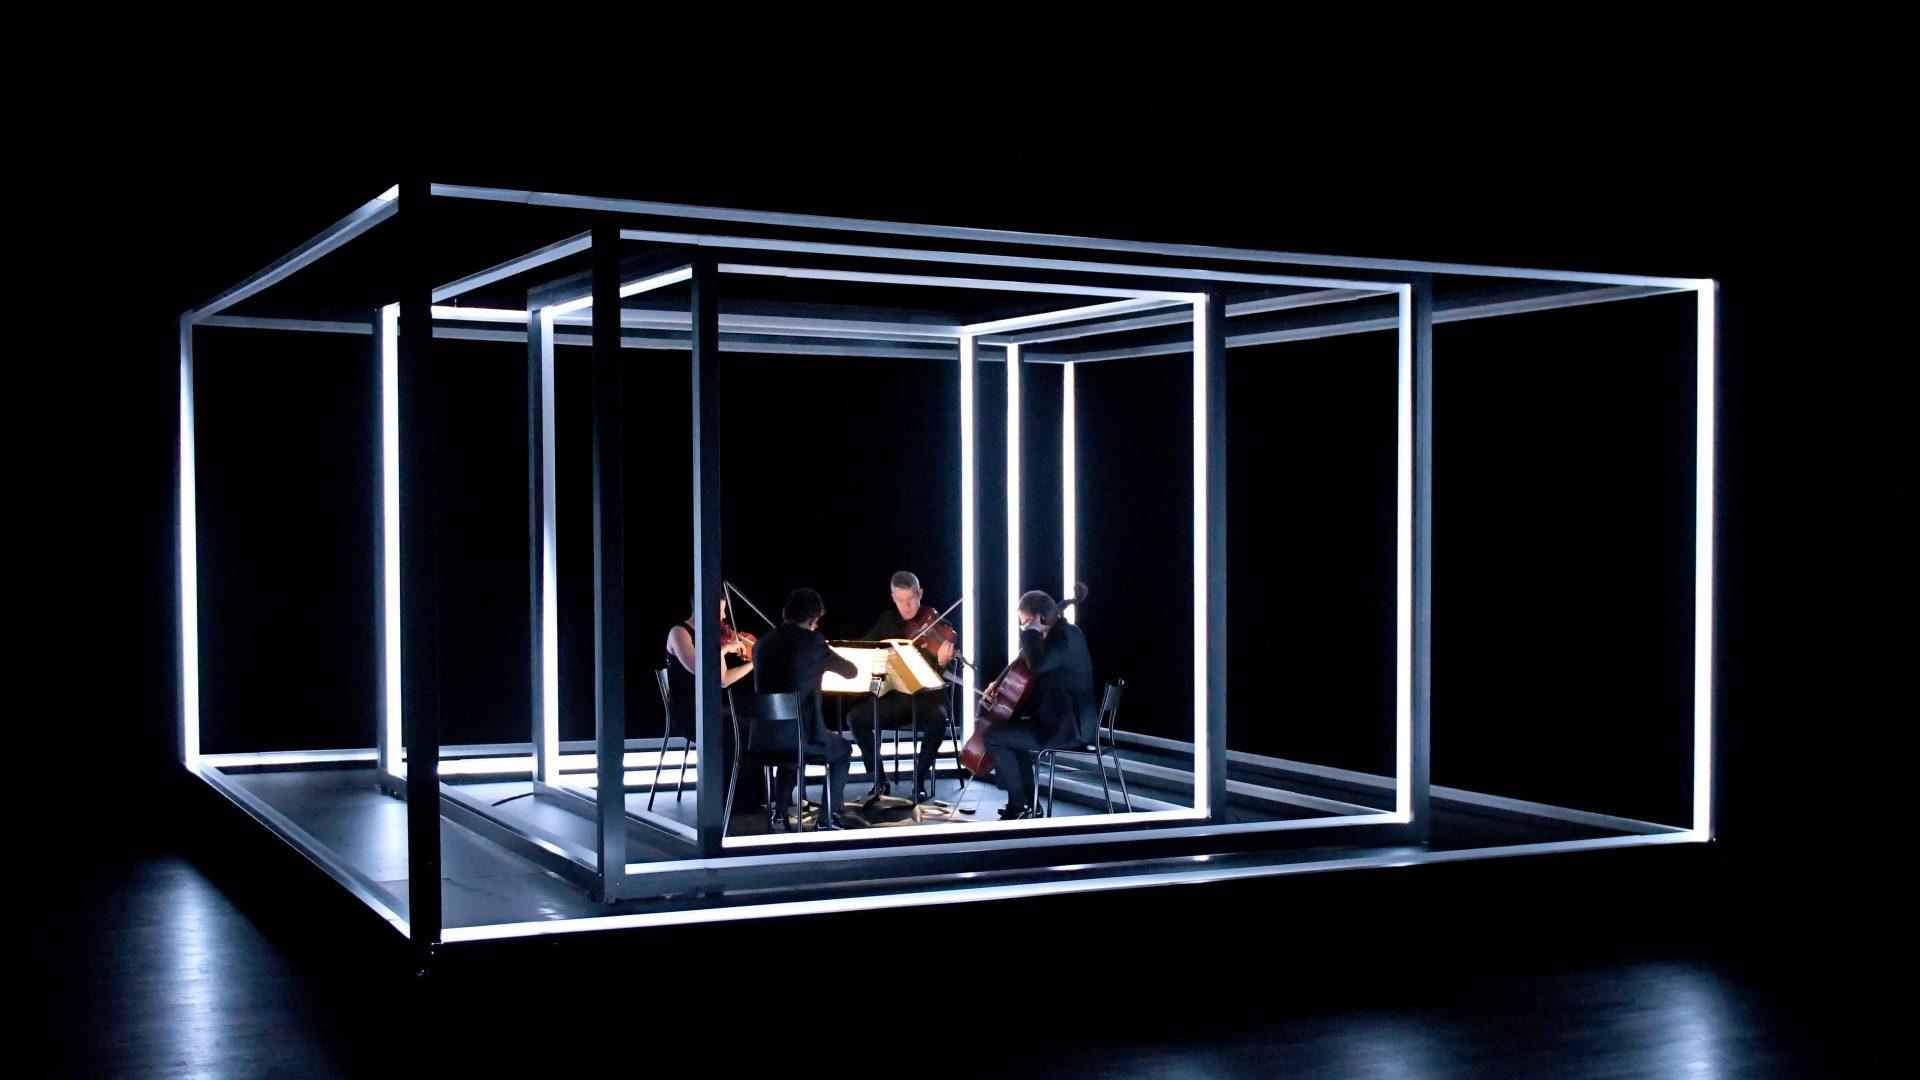 musica-hautepierre-diotima-visual-exformation-grame-chauvin-16-24